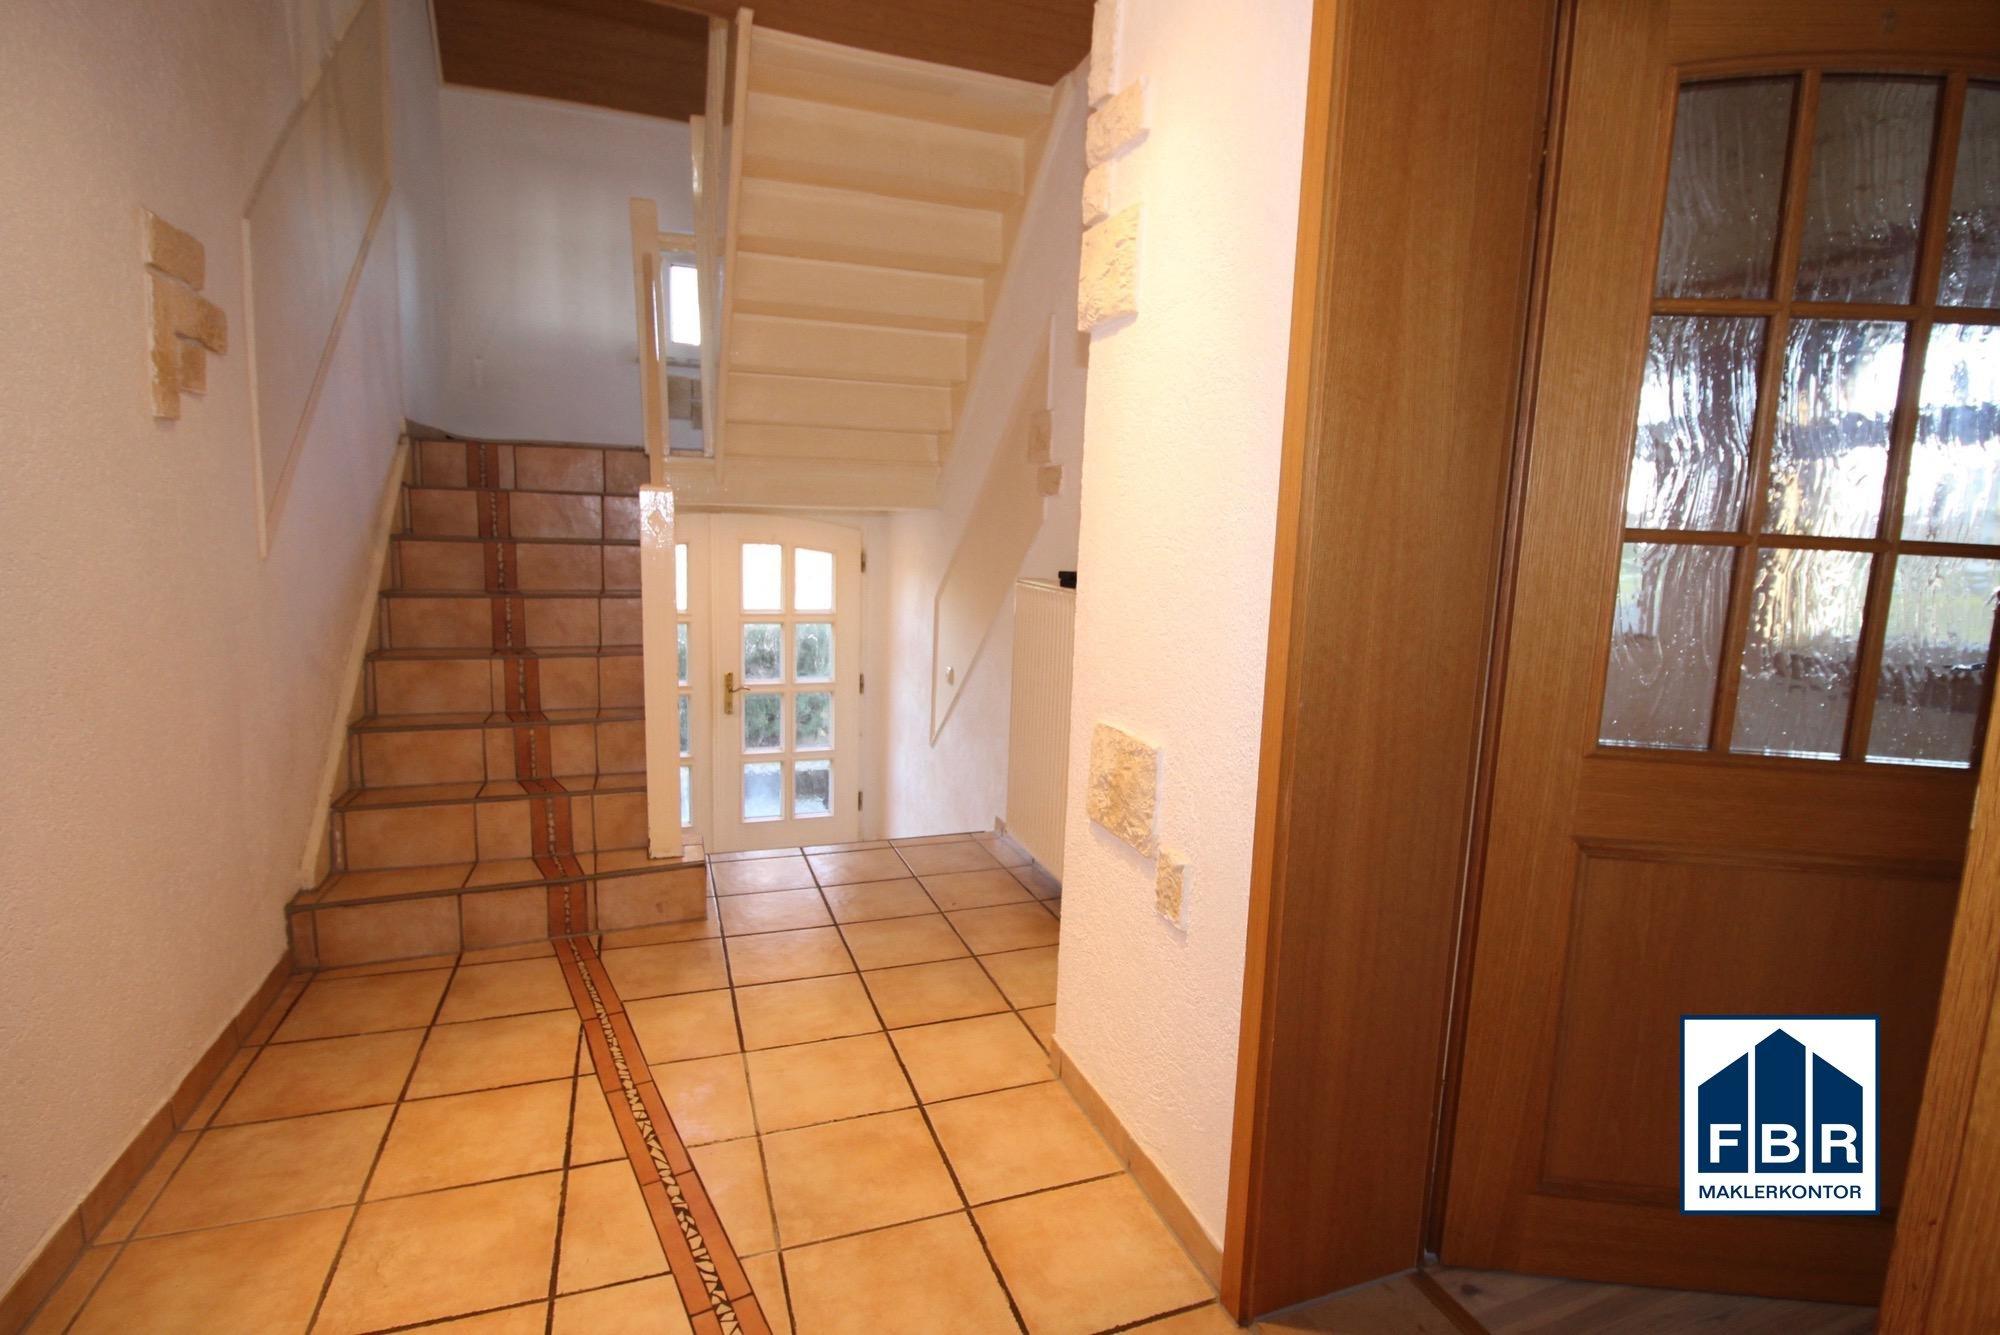 Haueingangsflur mit Treppe ins Dachgeschoss